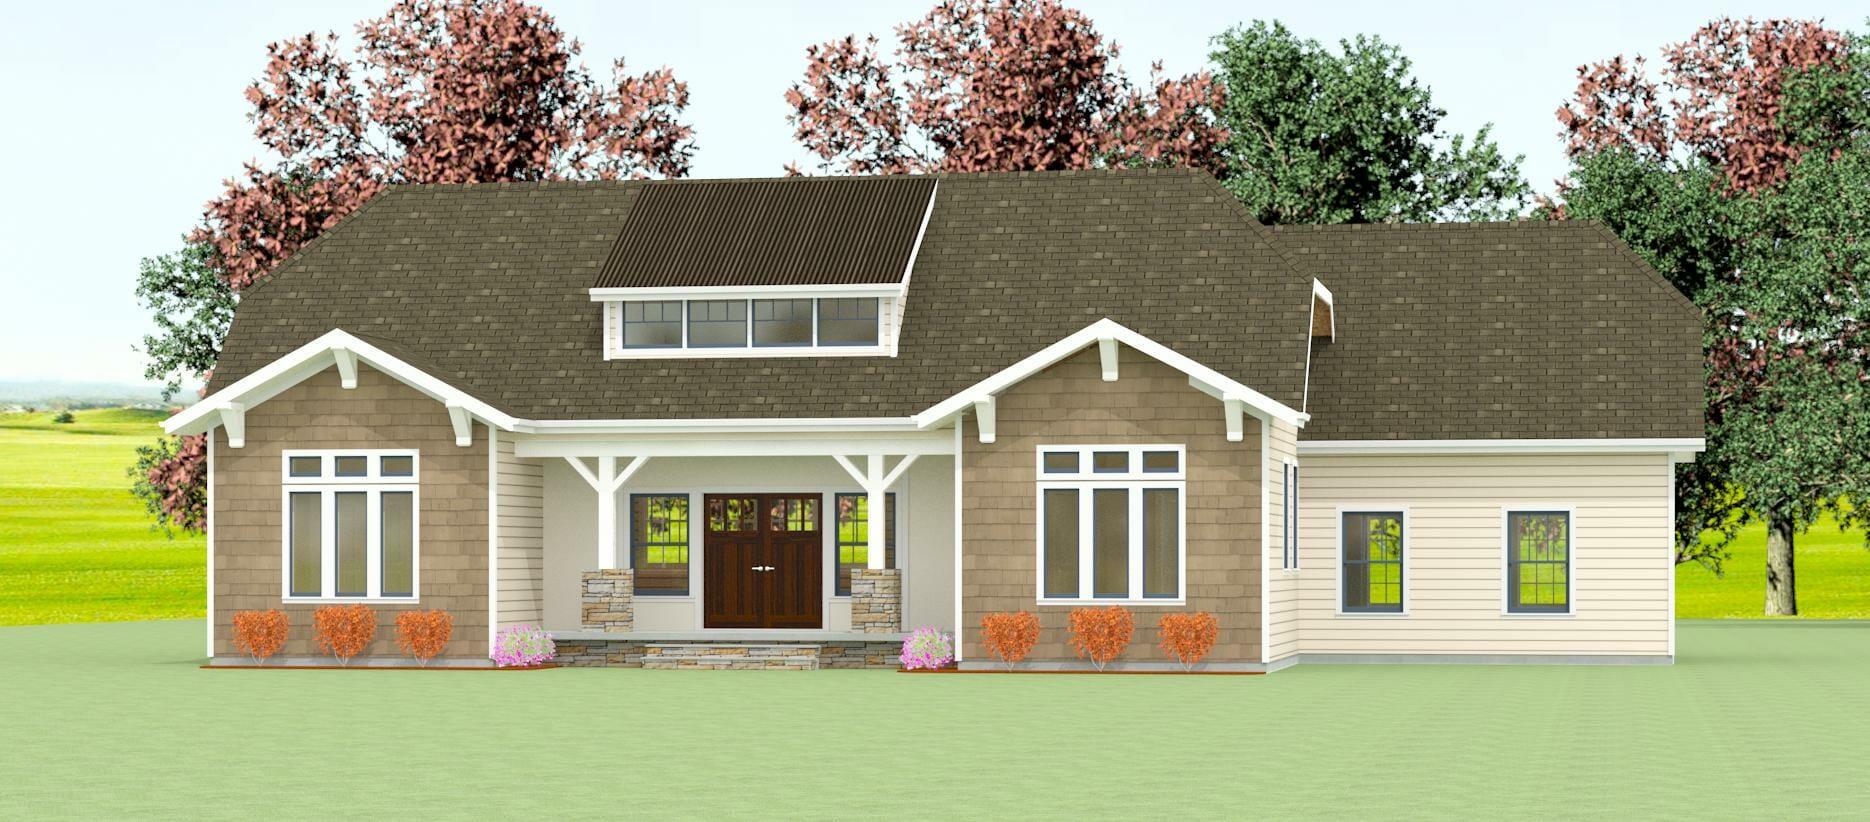 GRB-Davidson-craftsman-elevation-rendering